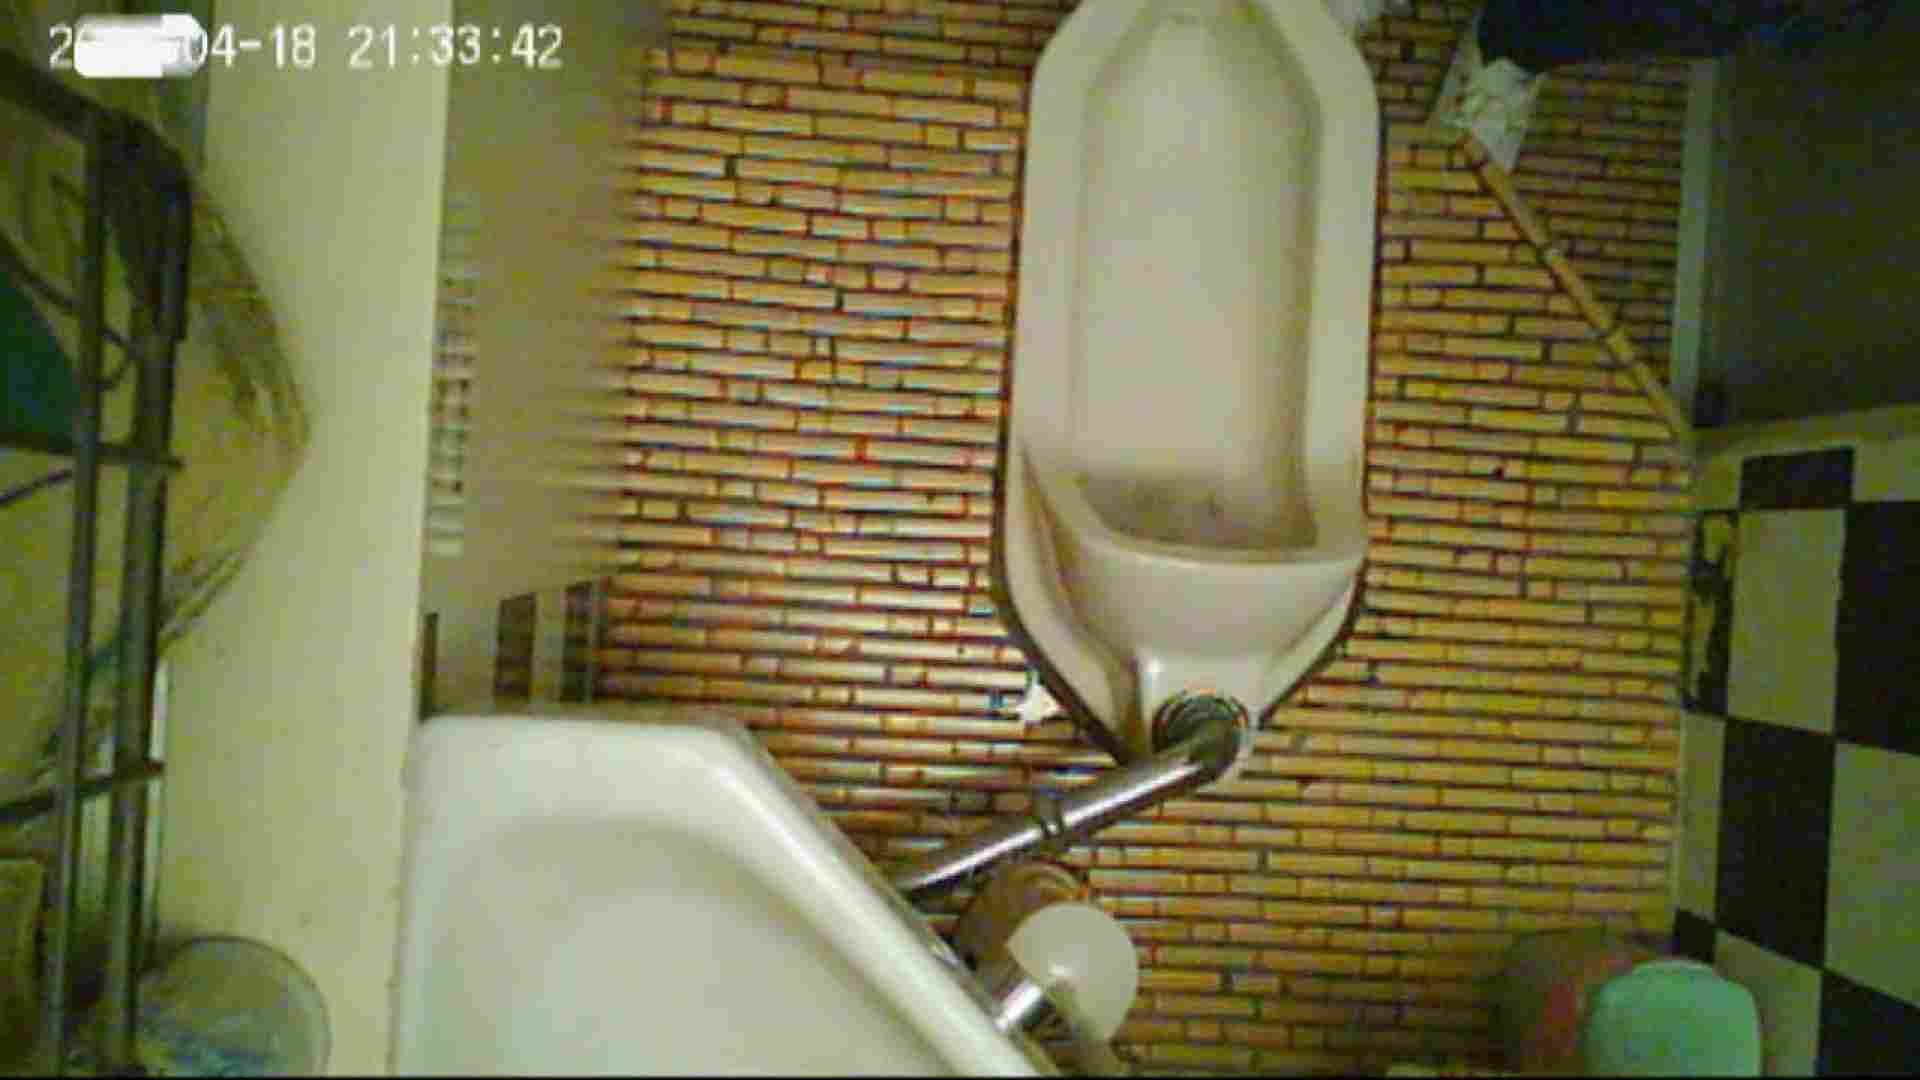 和式トイレの喫茶店店主マロンさんのコレクションvol.6 盗撮映像  64Pix 60